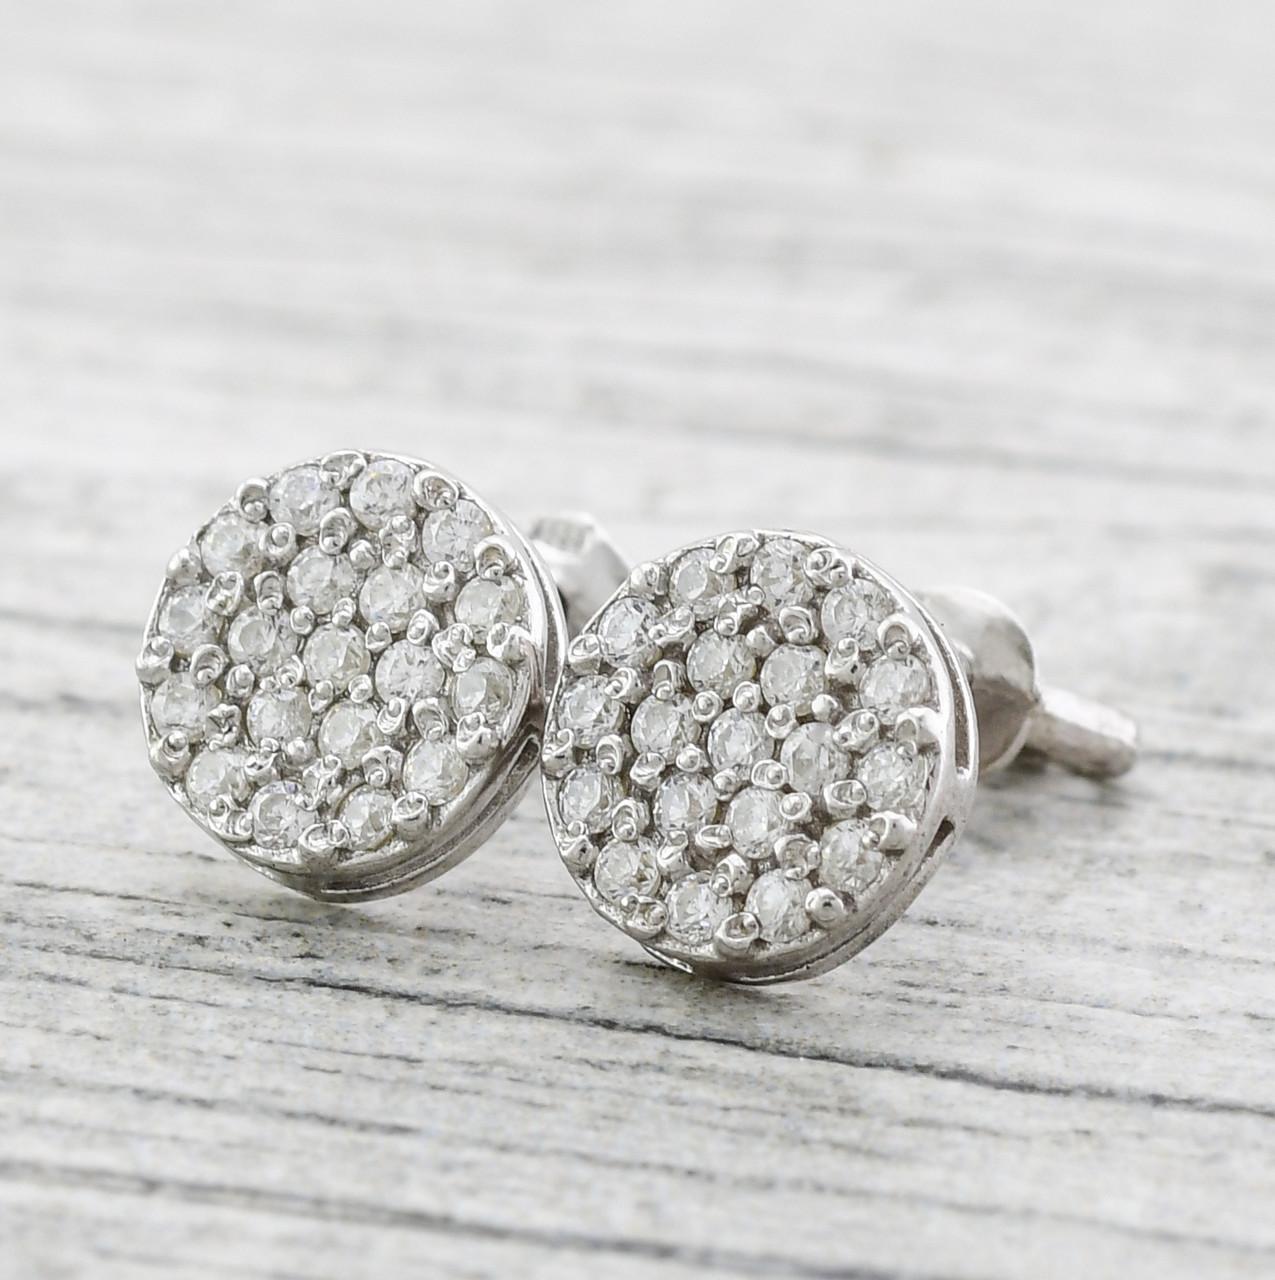 Серебряные серьги Россыпь бриллиантов размер 9х9 мм вставка белые фианиты вес 2.2 г